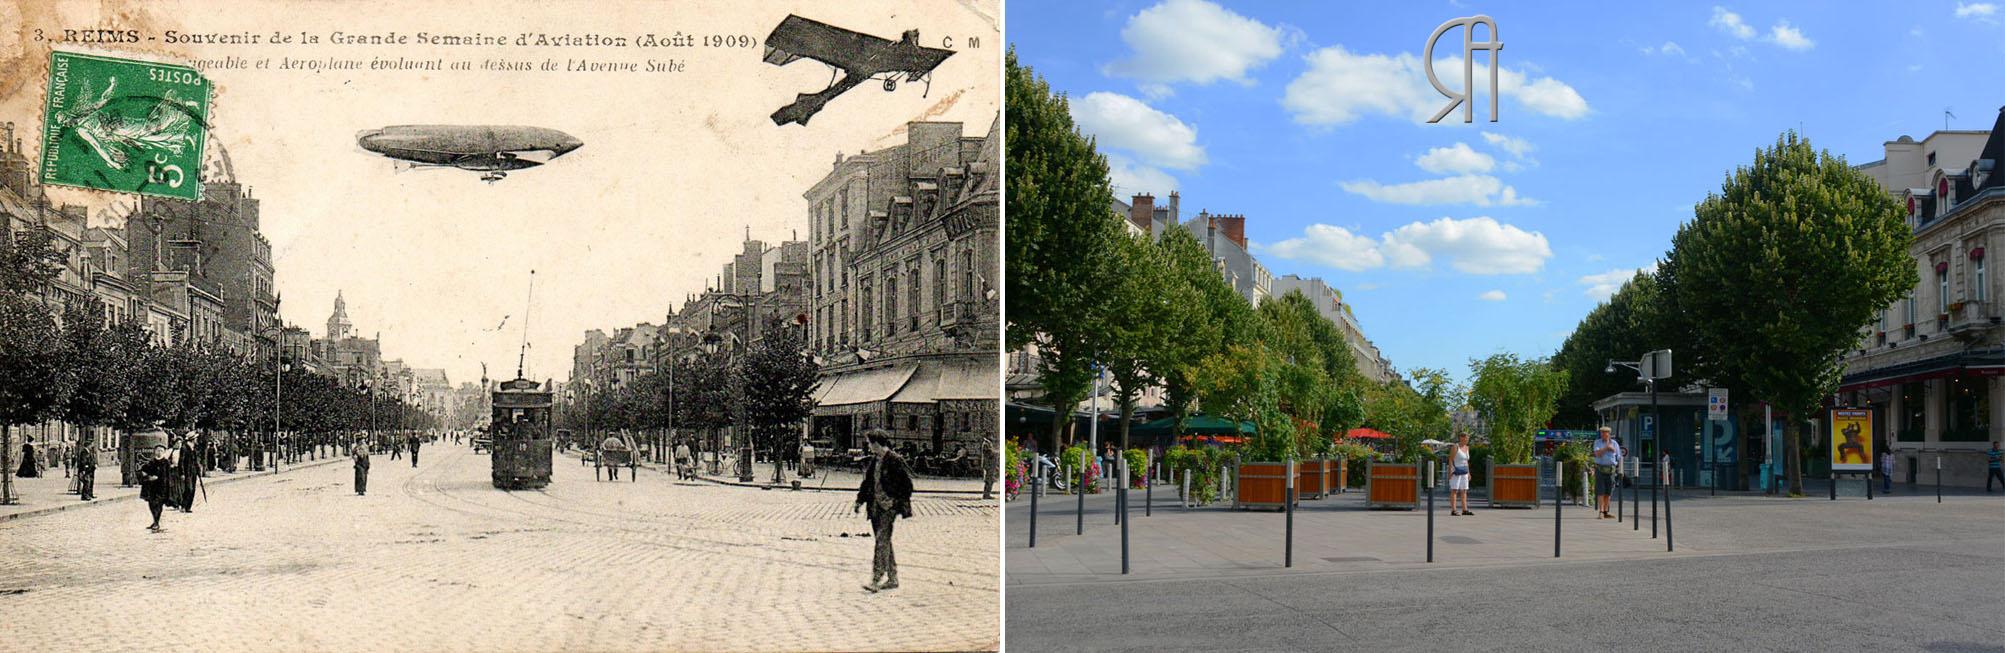 Grande Semaine d'Aviation (août 1909) - Place d'Erlon